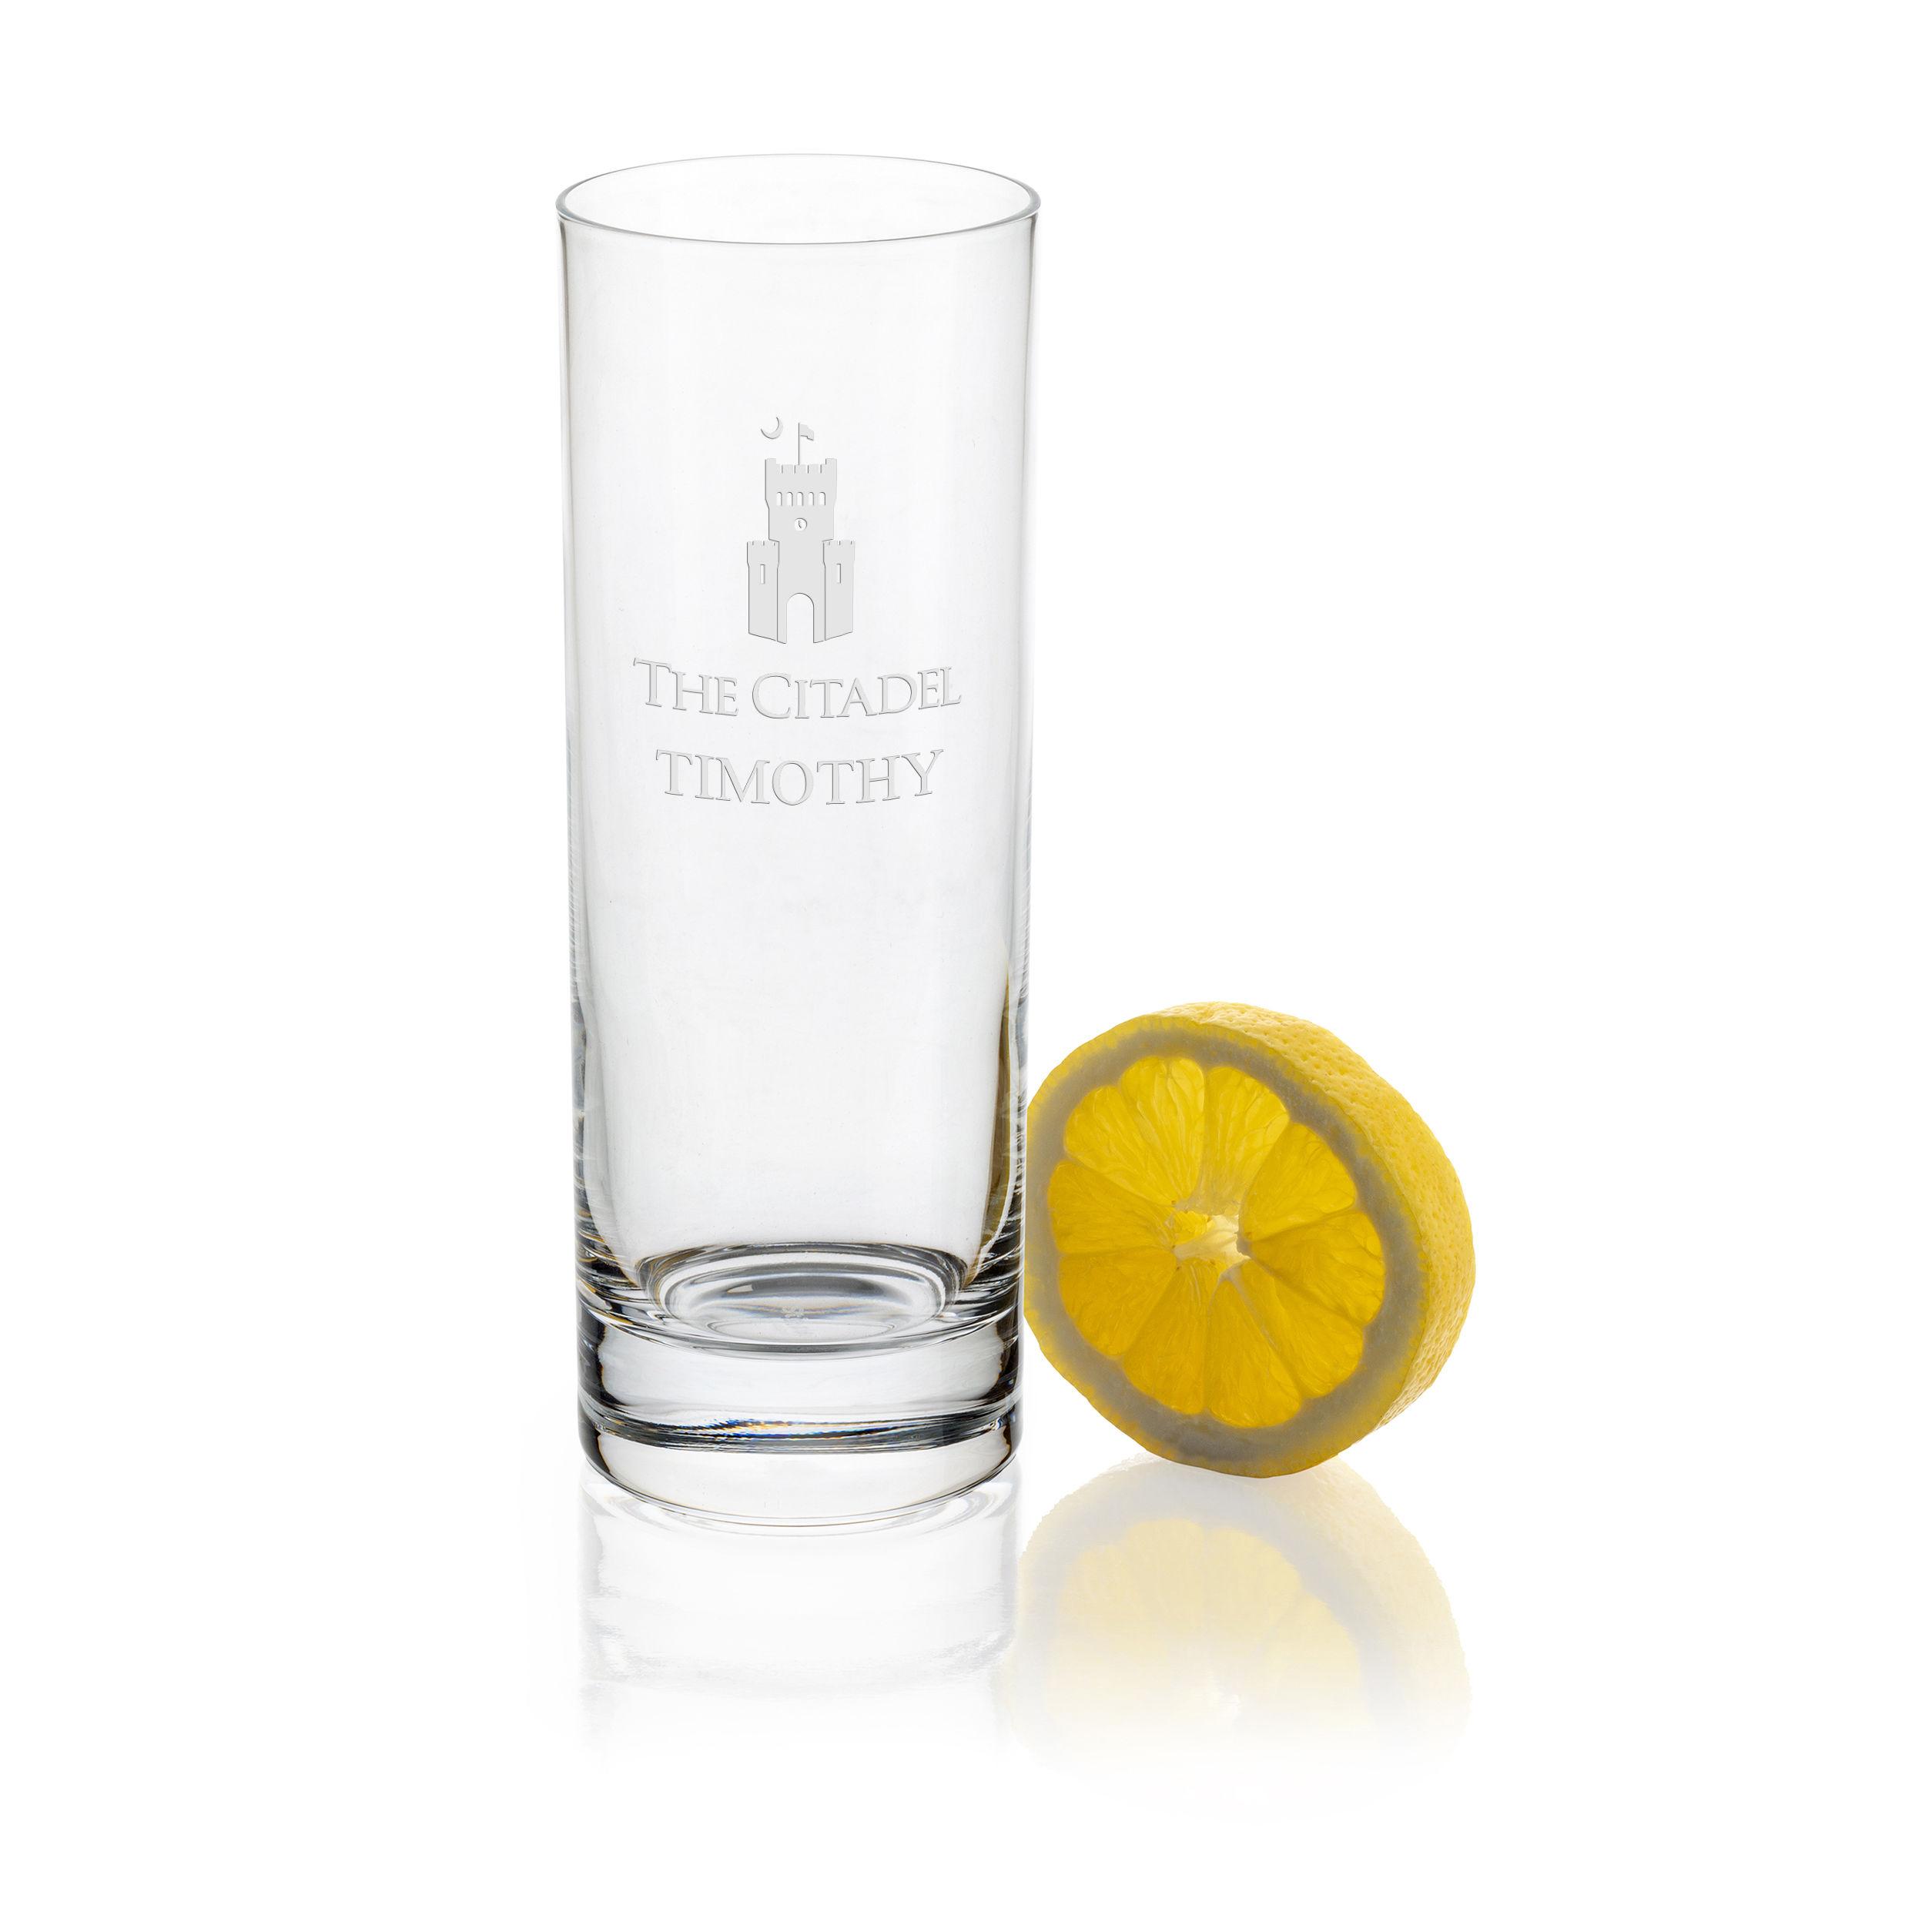 Citadel Iced Beverage Glasses - Set of 4